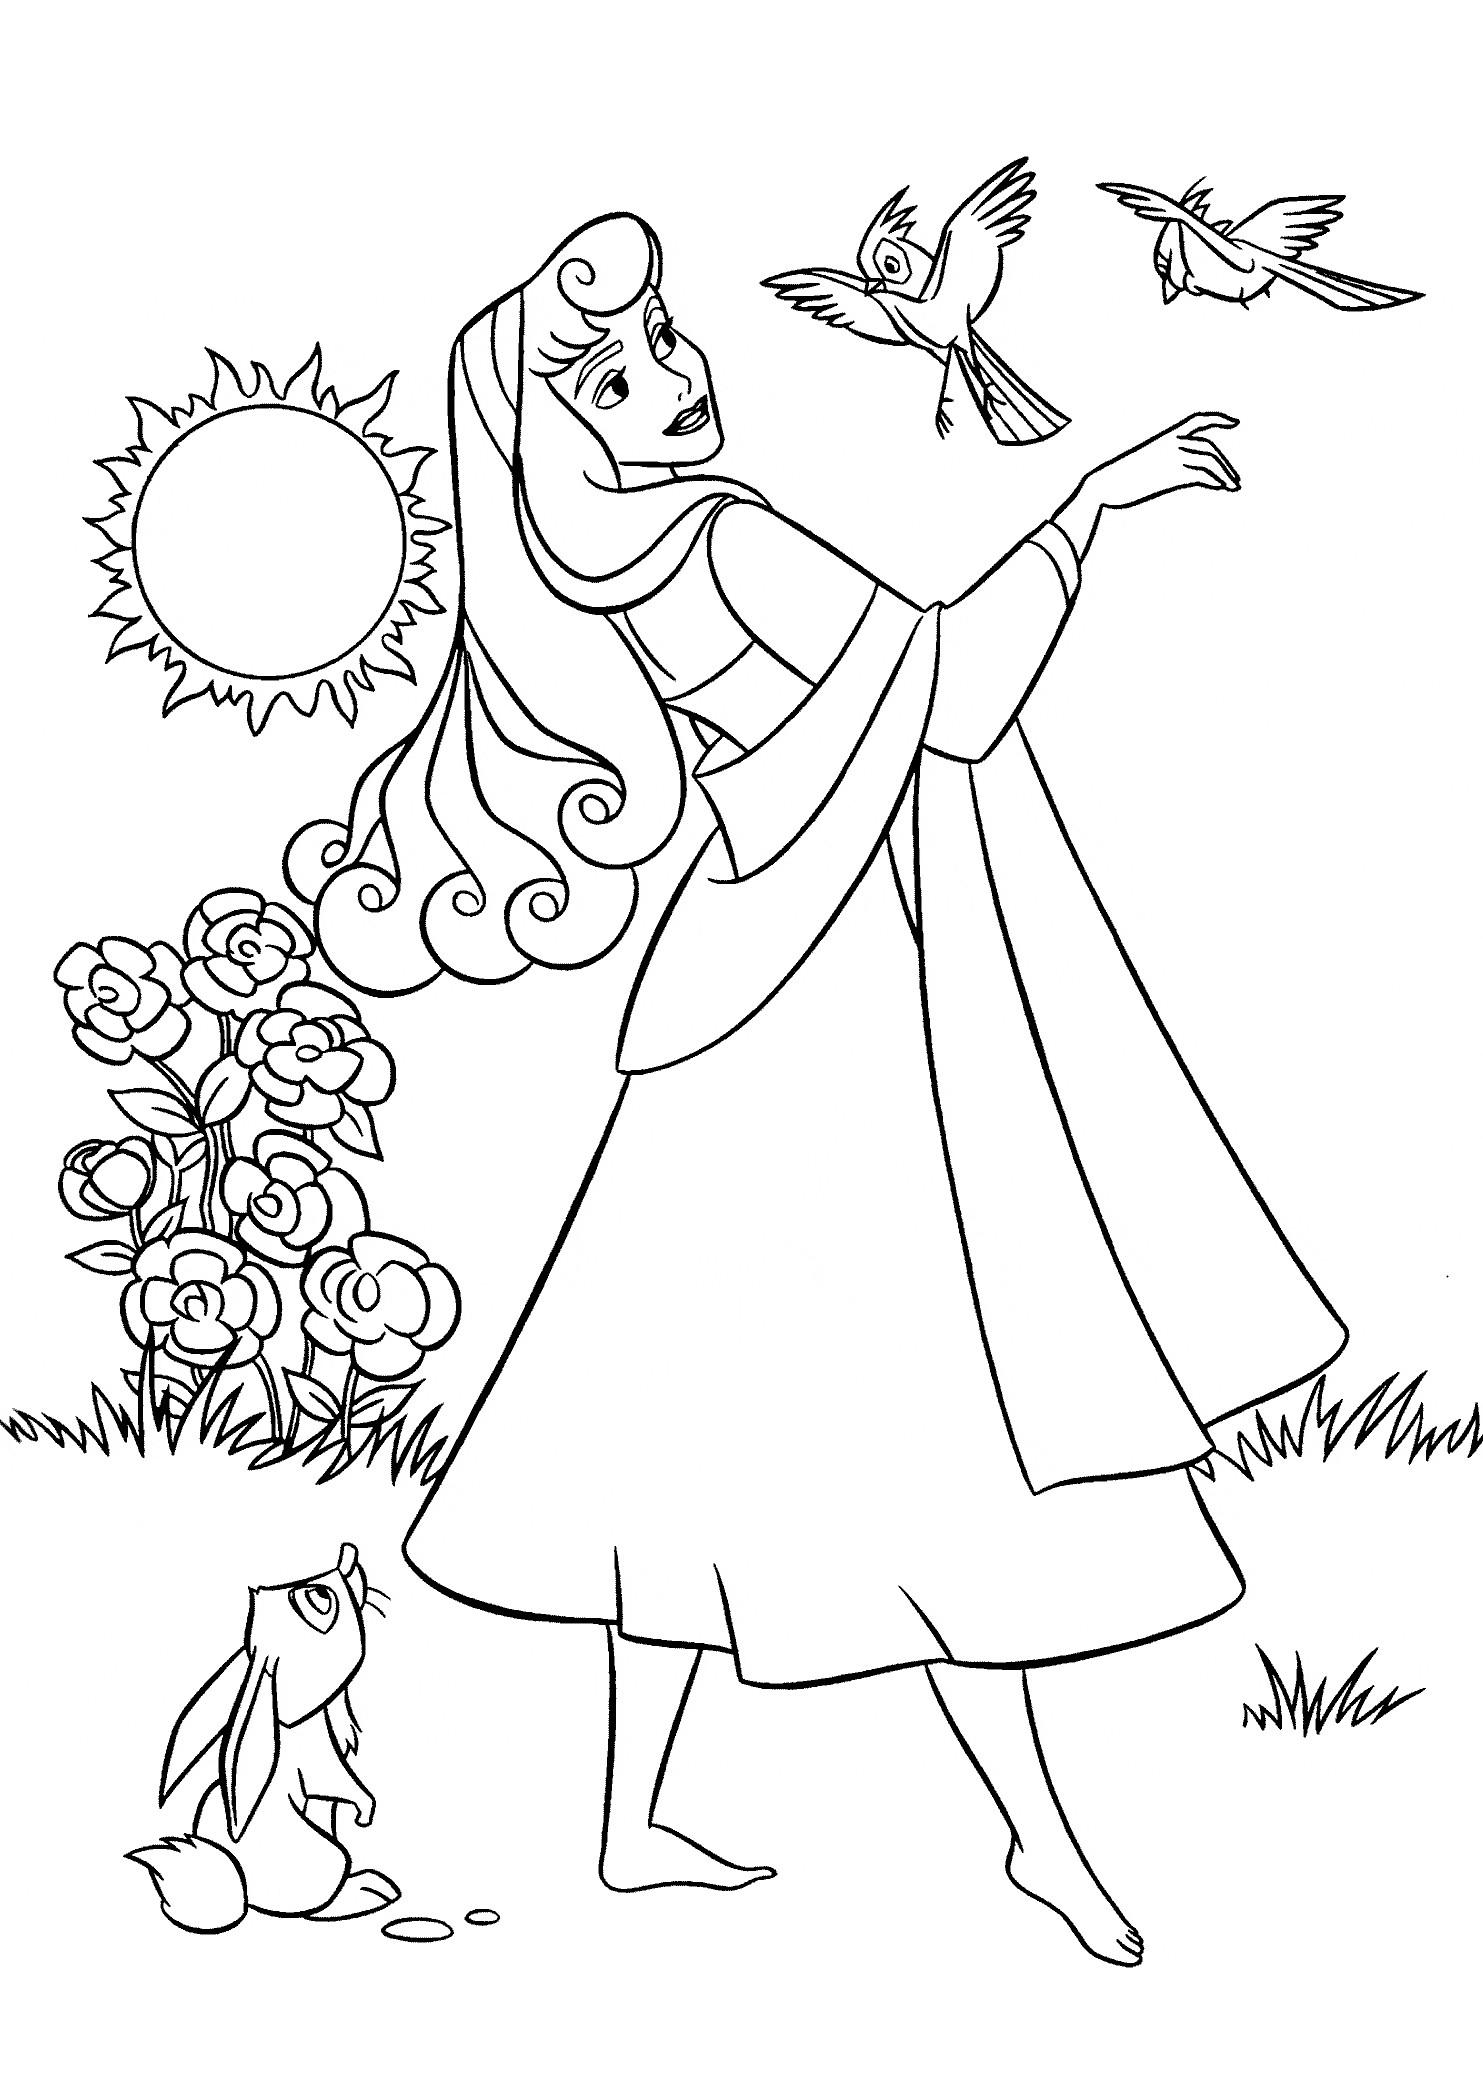 Аврора с животными в лесу - Принцессы Дисней - Раскраски ...